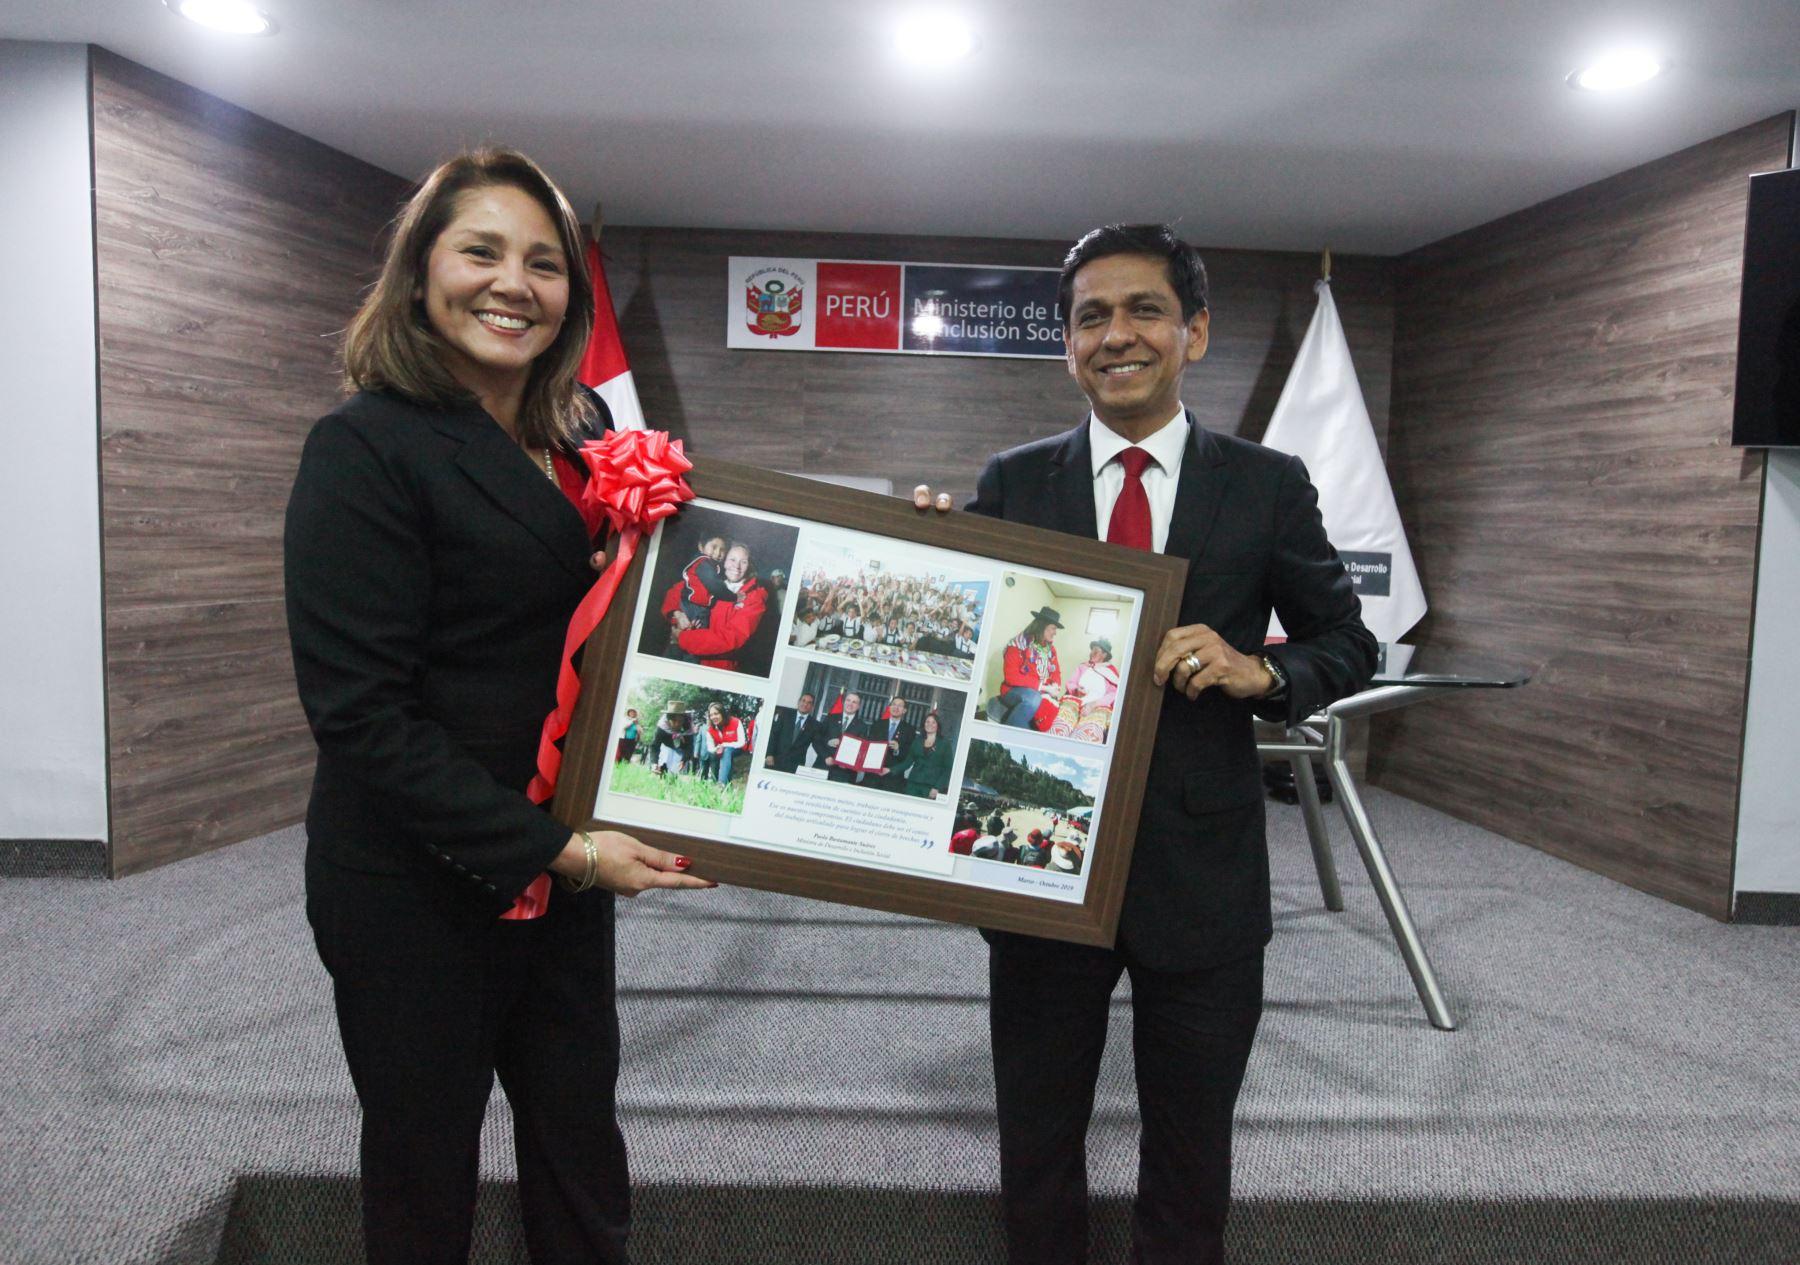 Ing. Jorge Melendez asumió funciones como Titular del Ministerio de Desarrollo Inclusión Social.Foto: ANDINA/Midis